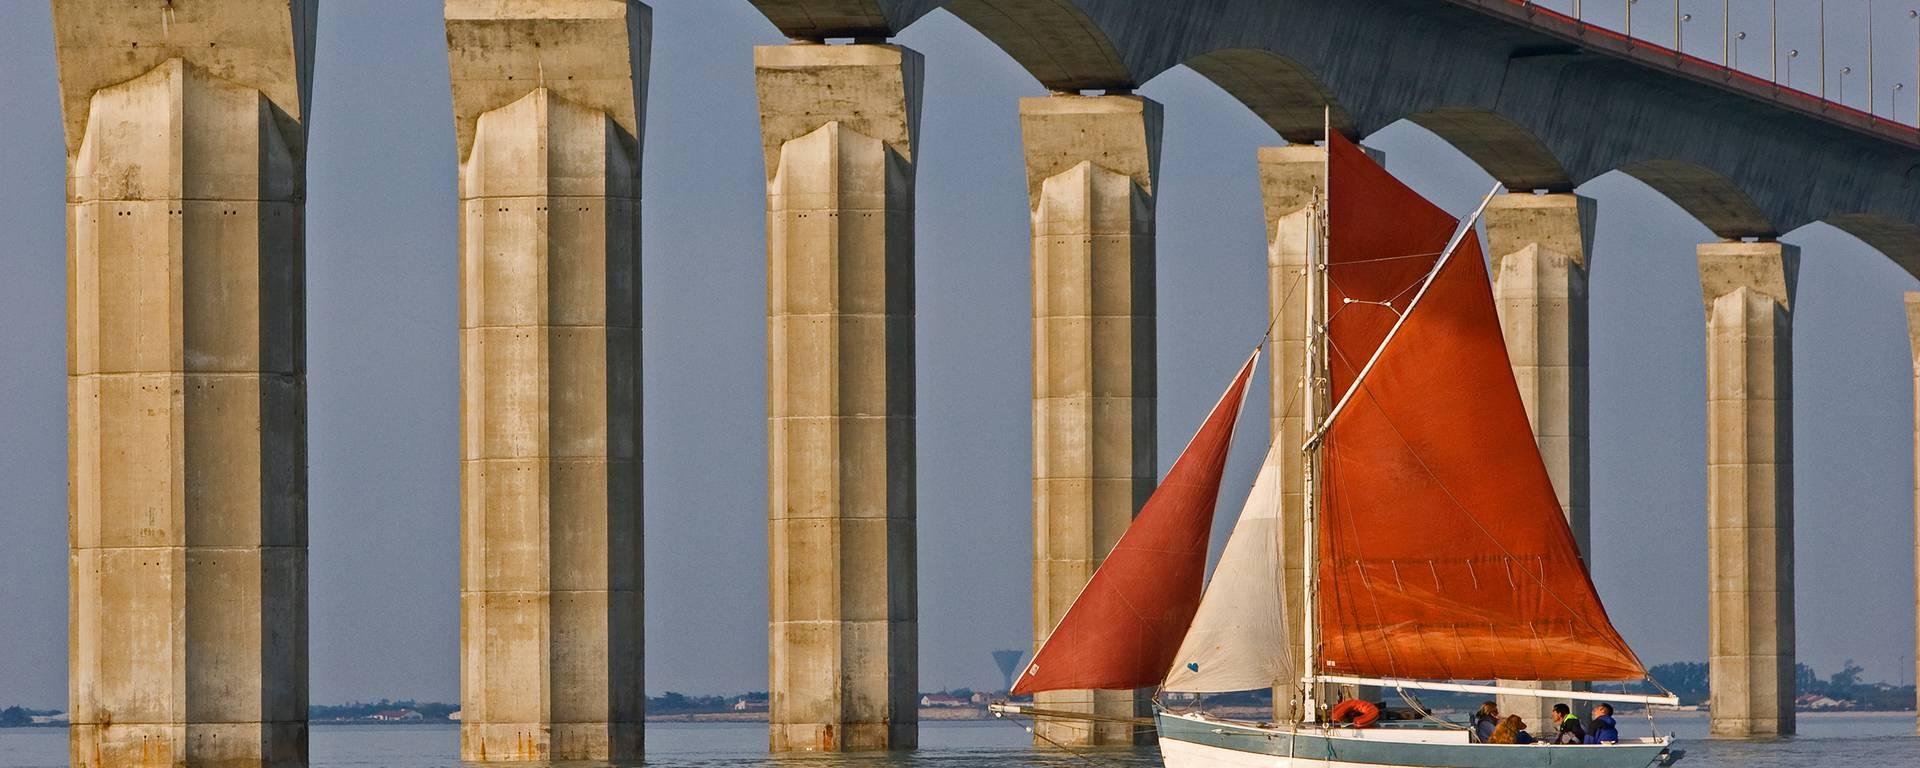 Bateau sous le pont par François Blanchaud